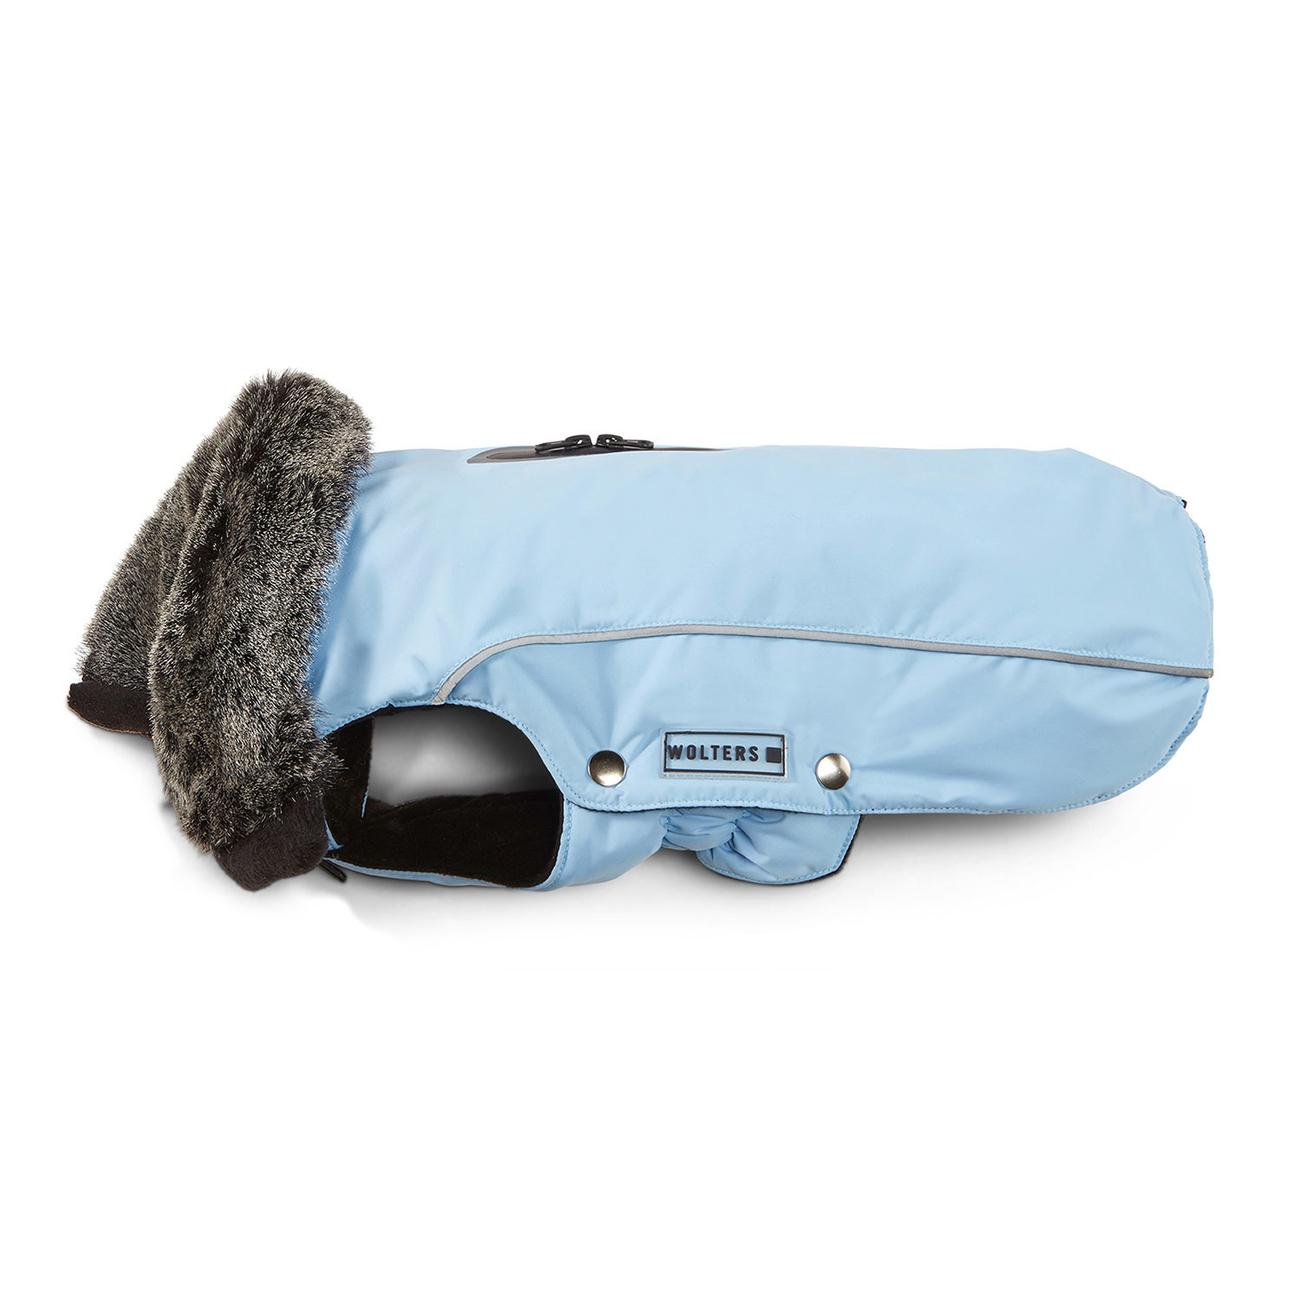 Wolters Winterjacke Amundsen für Mops&Co., Bild 2